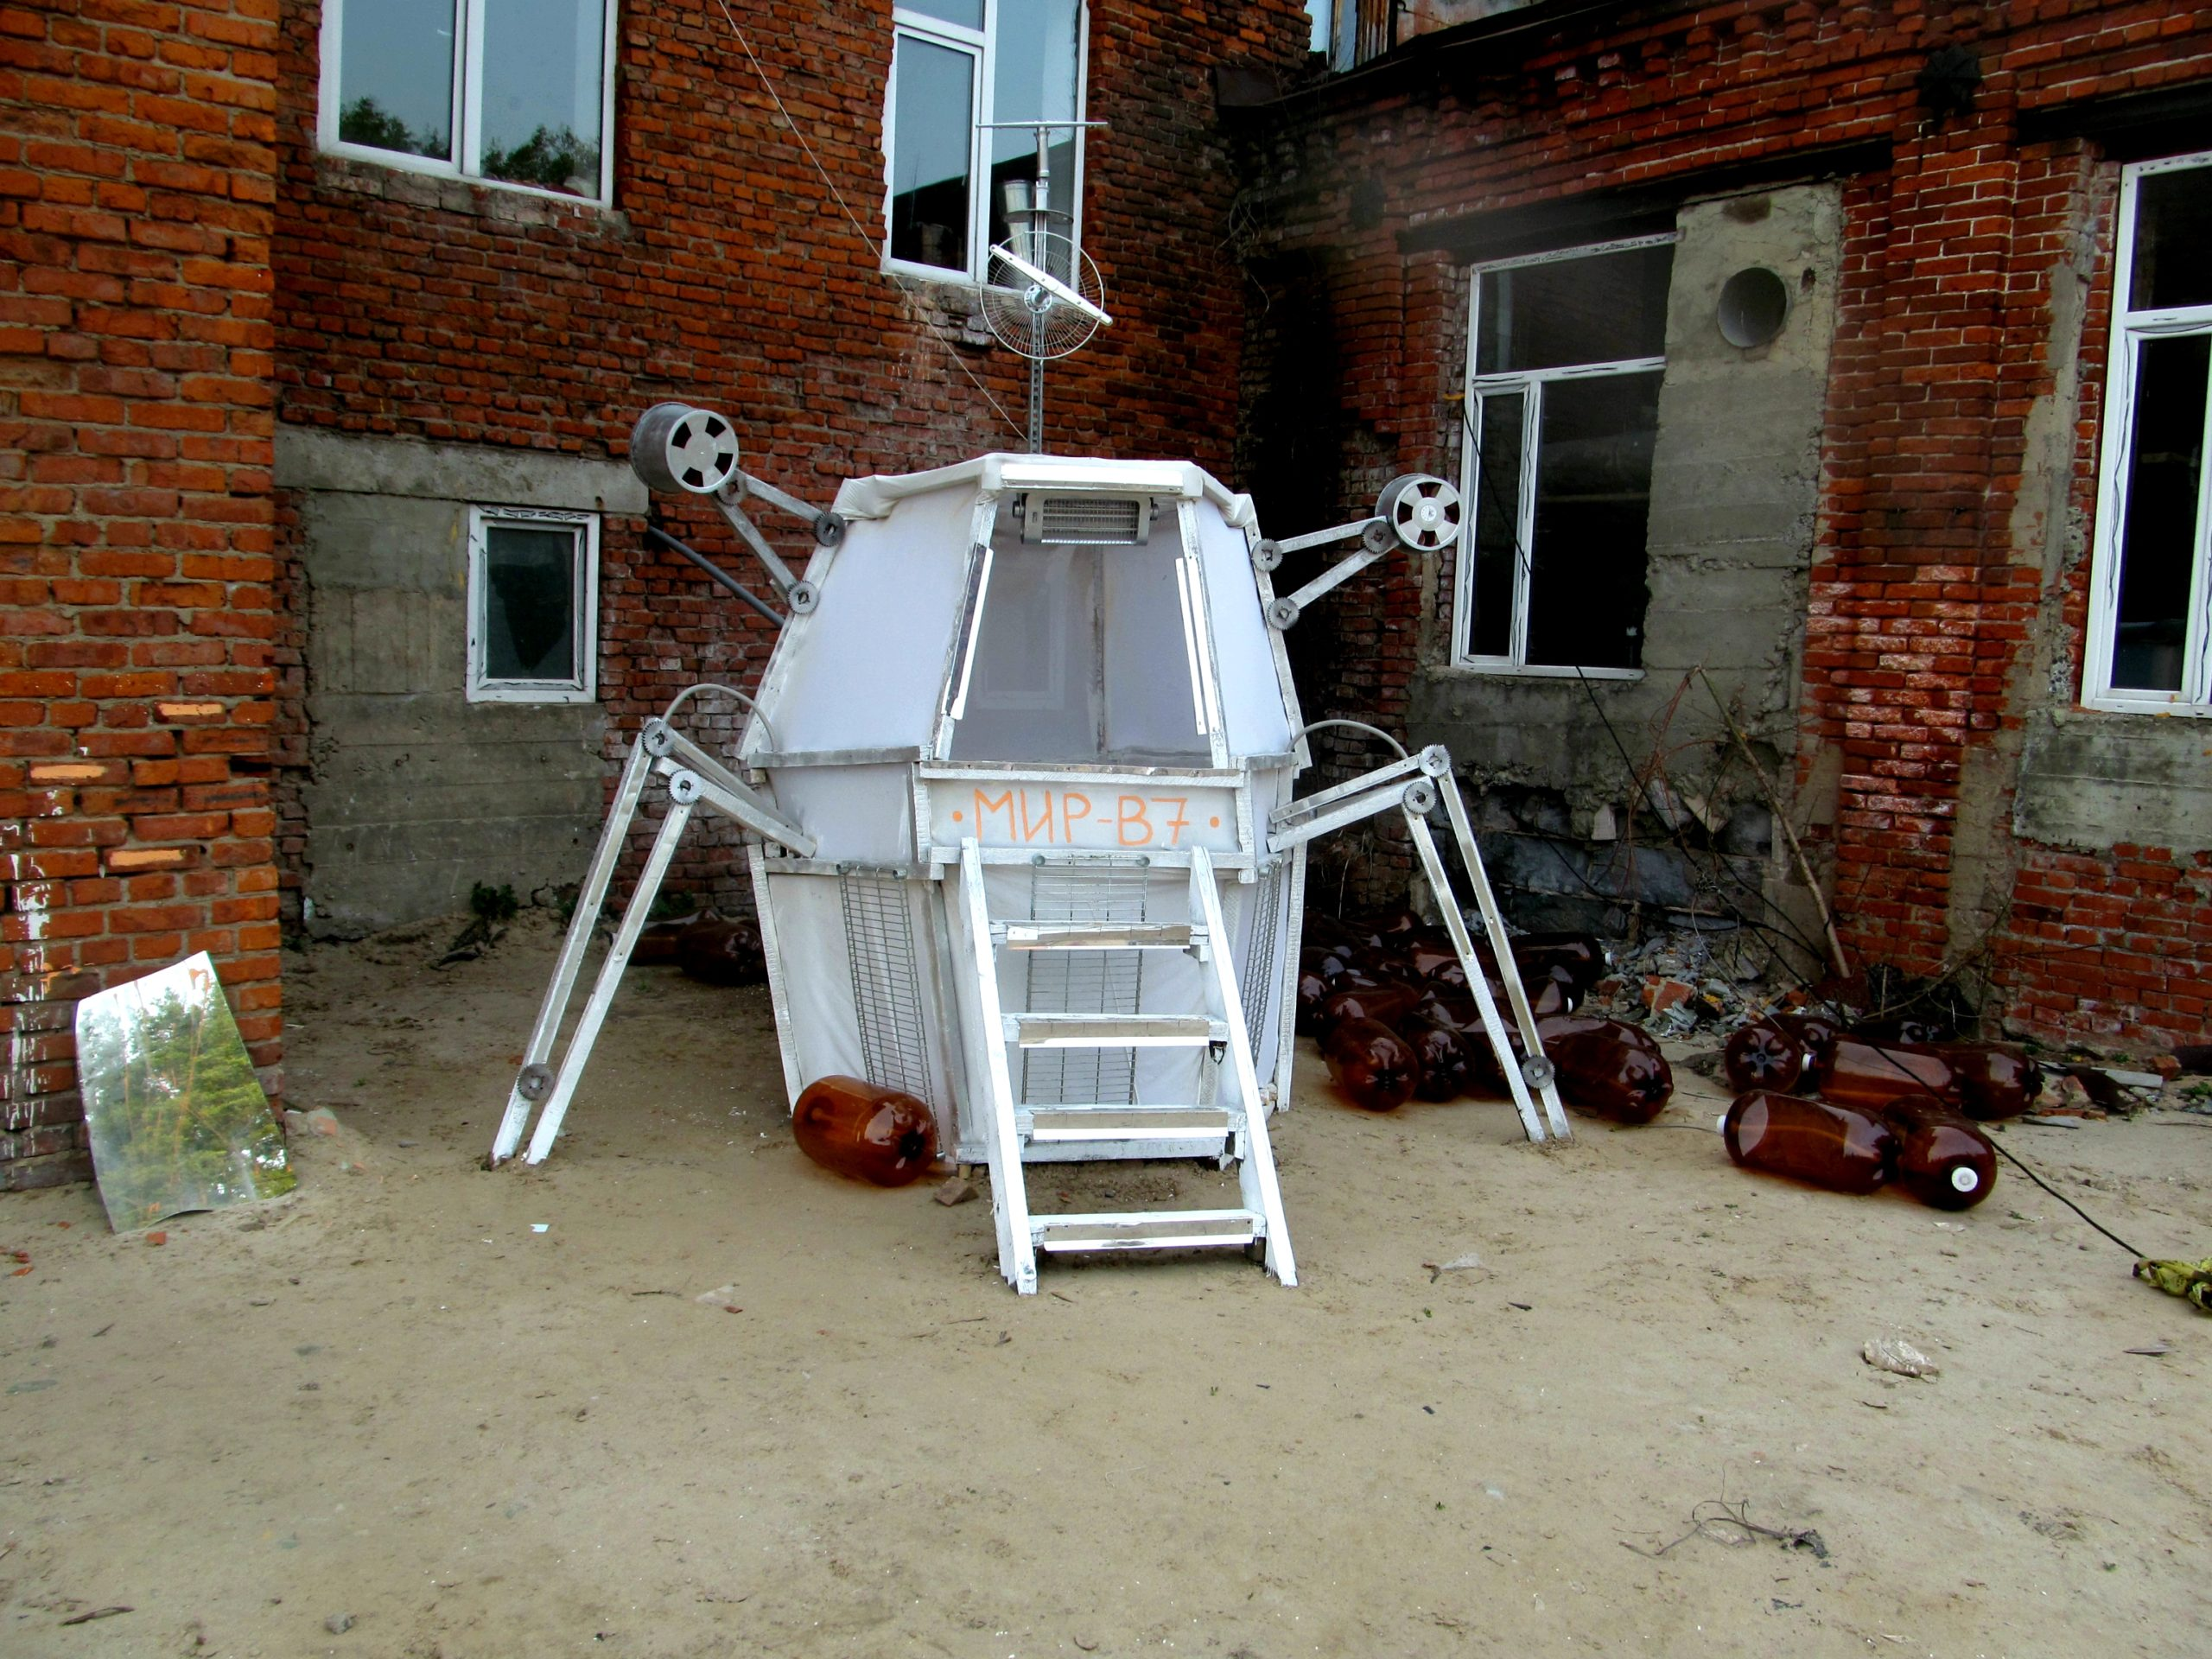 Россия выбивается в космические лидеры анонсируя создание собственной орбитальной станции?